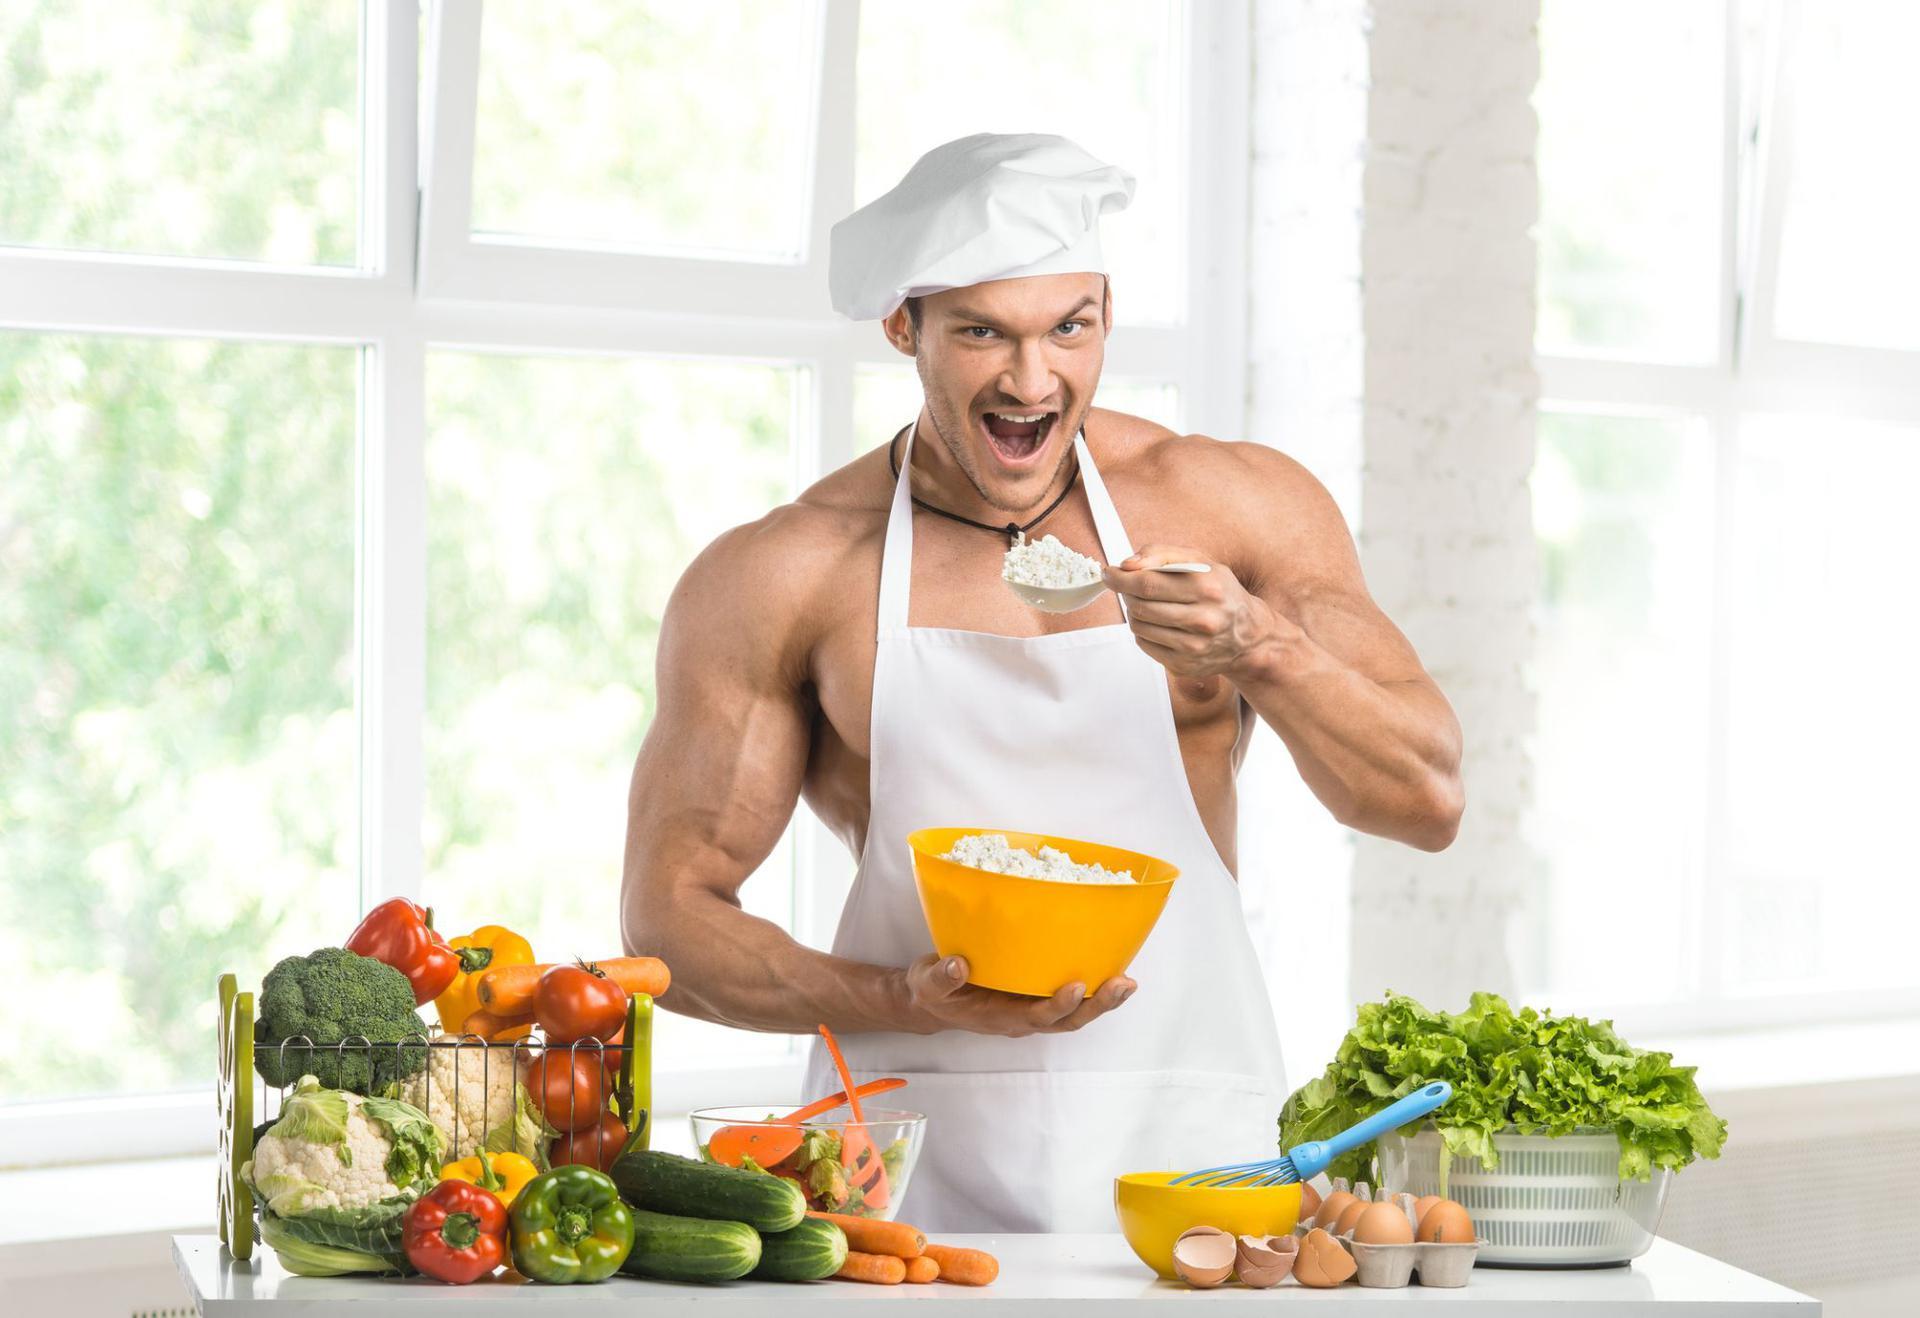 Program de alimentație pentru sală: cum să mănânci corect pentru a crește masa musculară